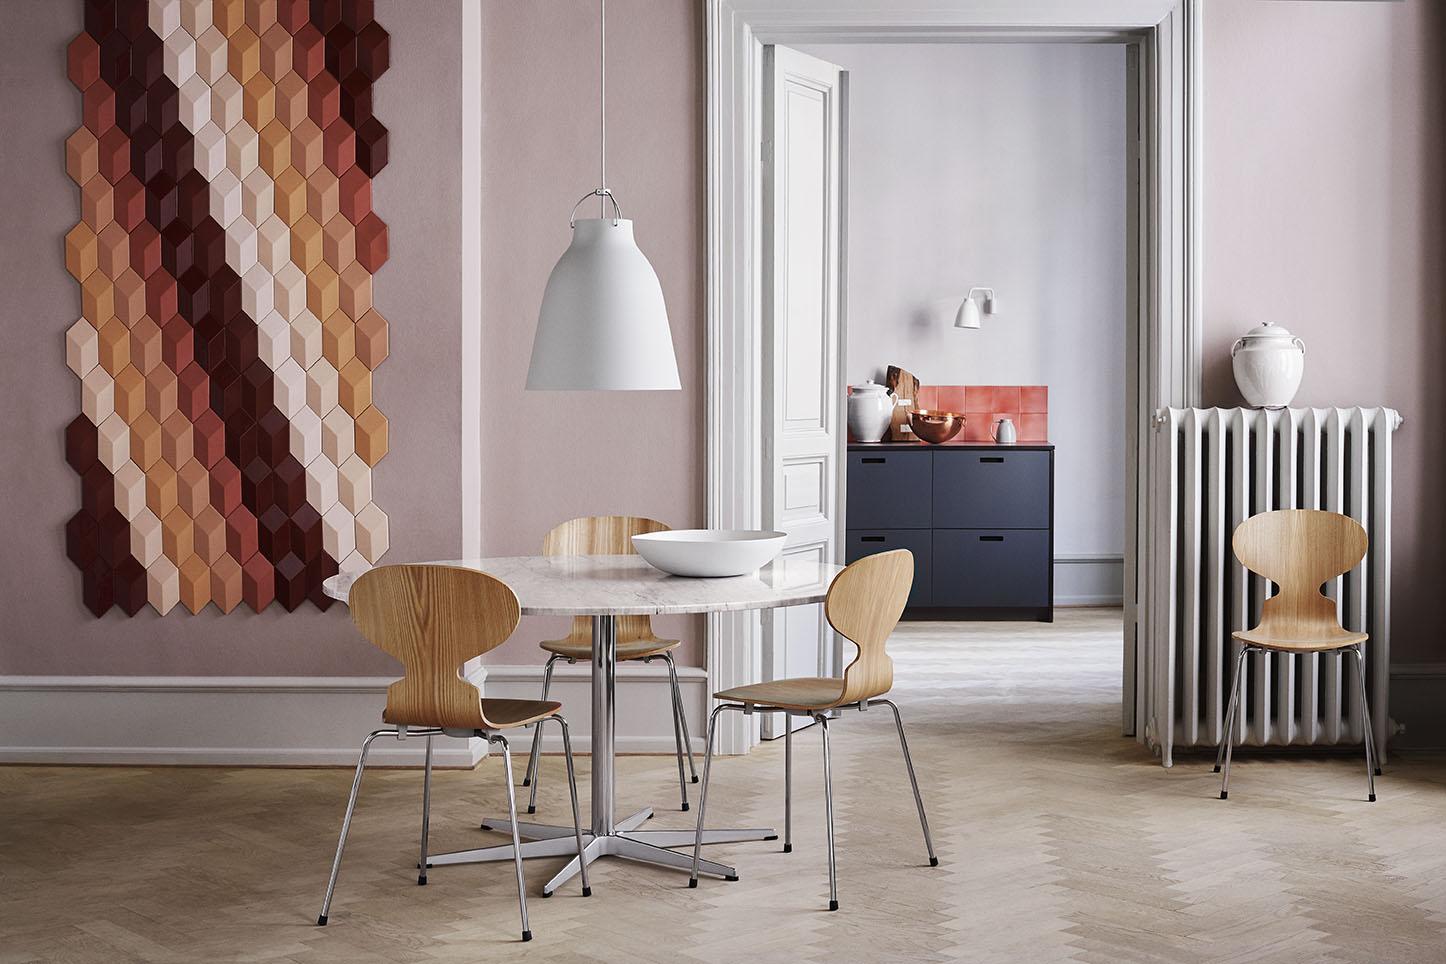 Preferenza I consigli per arredare la sala da pranzo - Living Corriere JO37